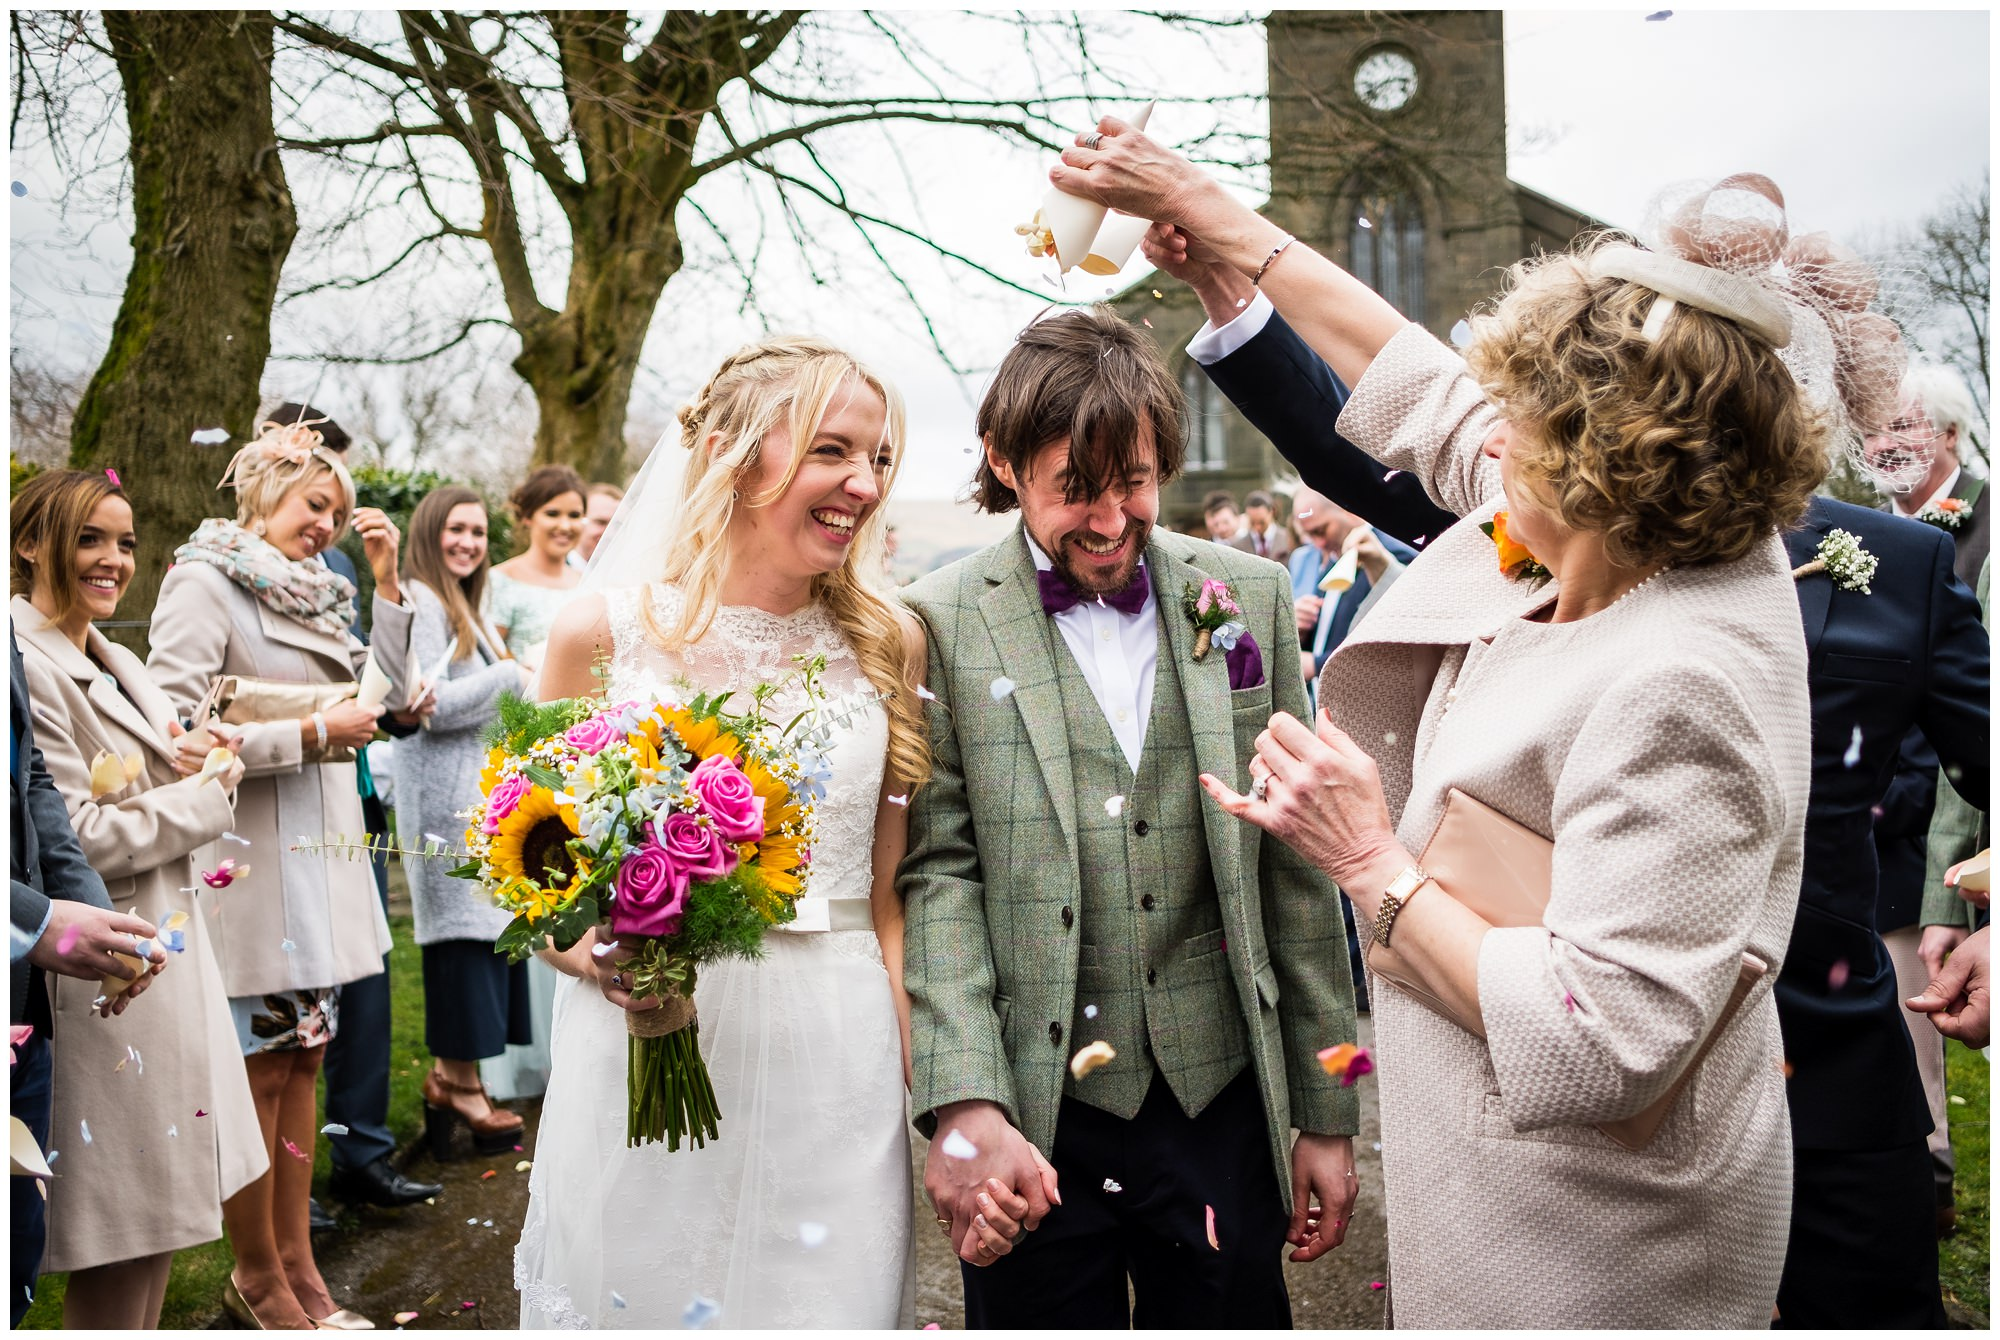 the-wellbeing-farm-wedding-photography_0006.jpg